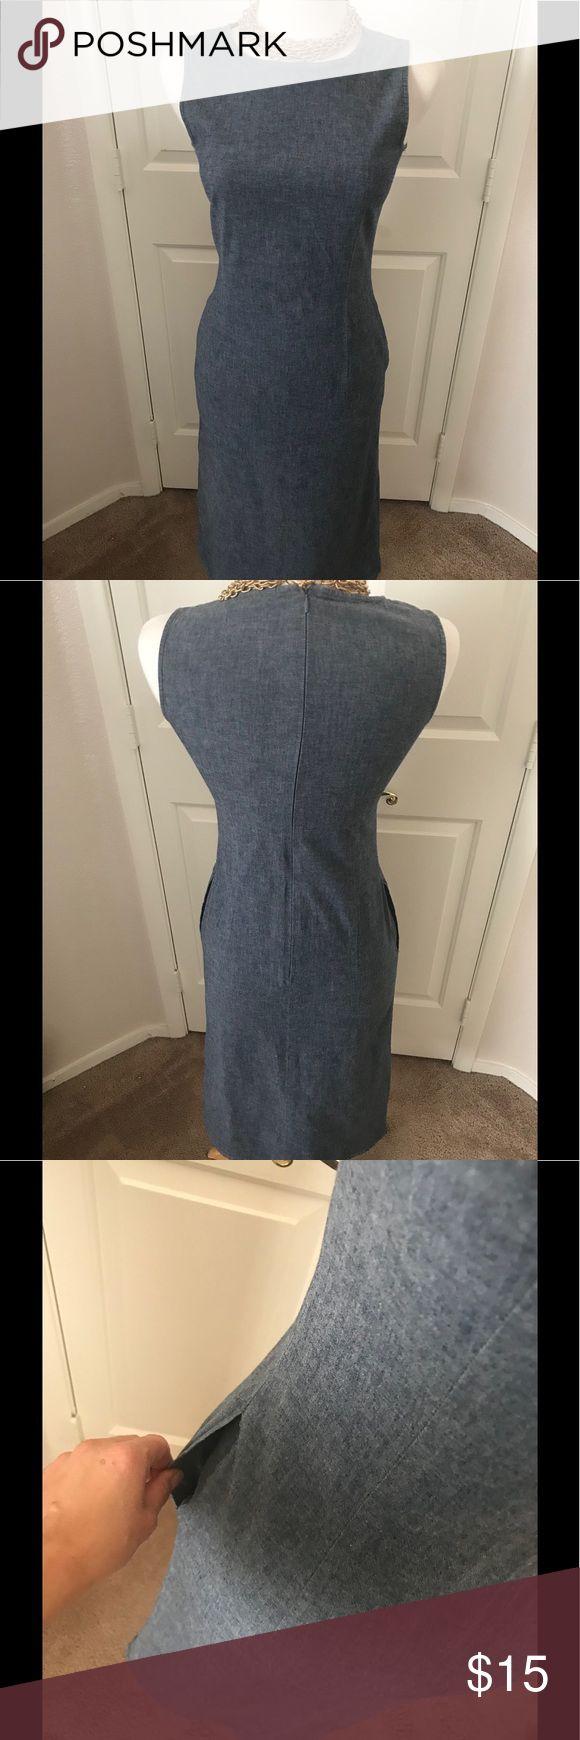 Jean dress Jean dress with pockets by UNIQLO Uniqlo Dresses Midi